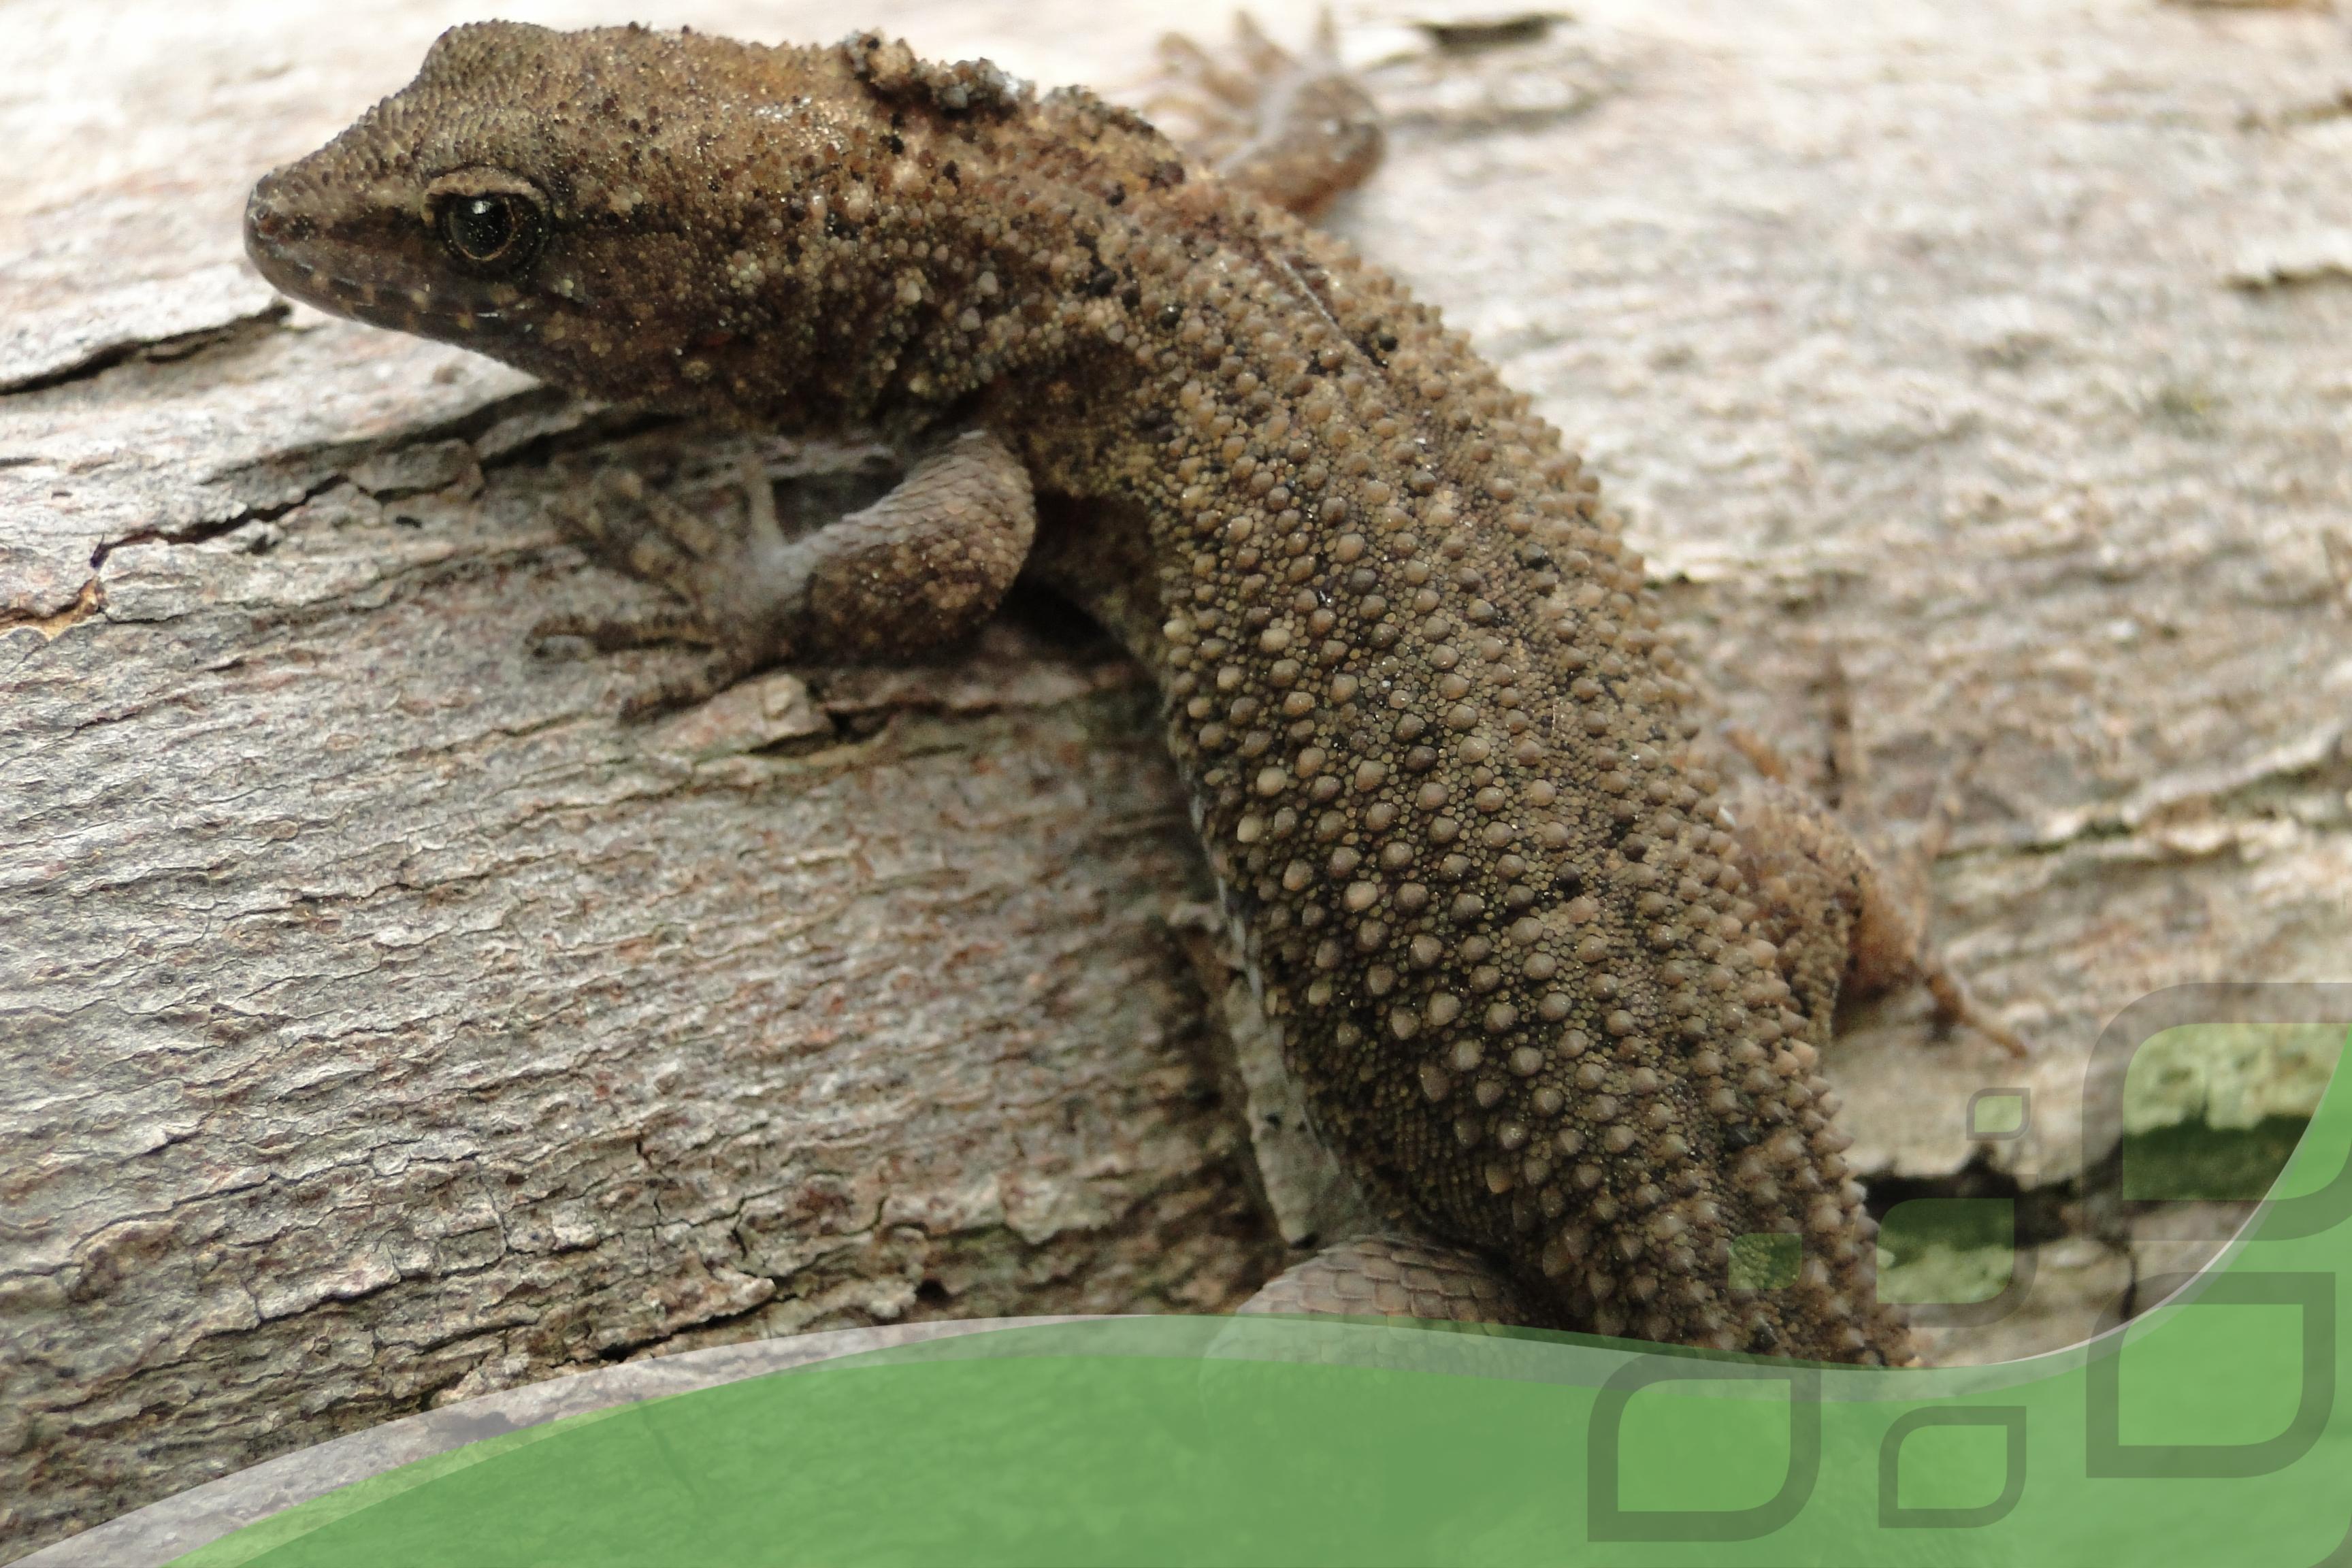 Gymnodactylus gekkoides